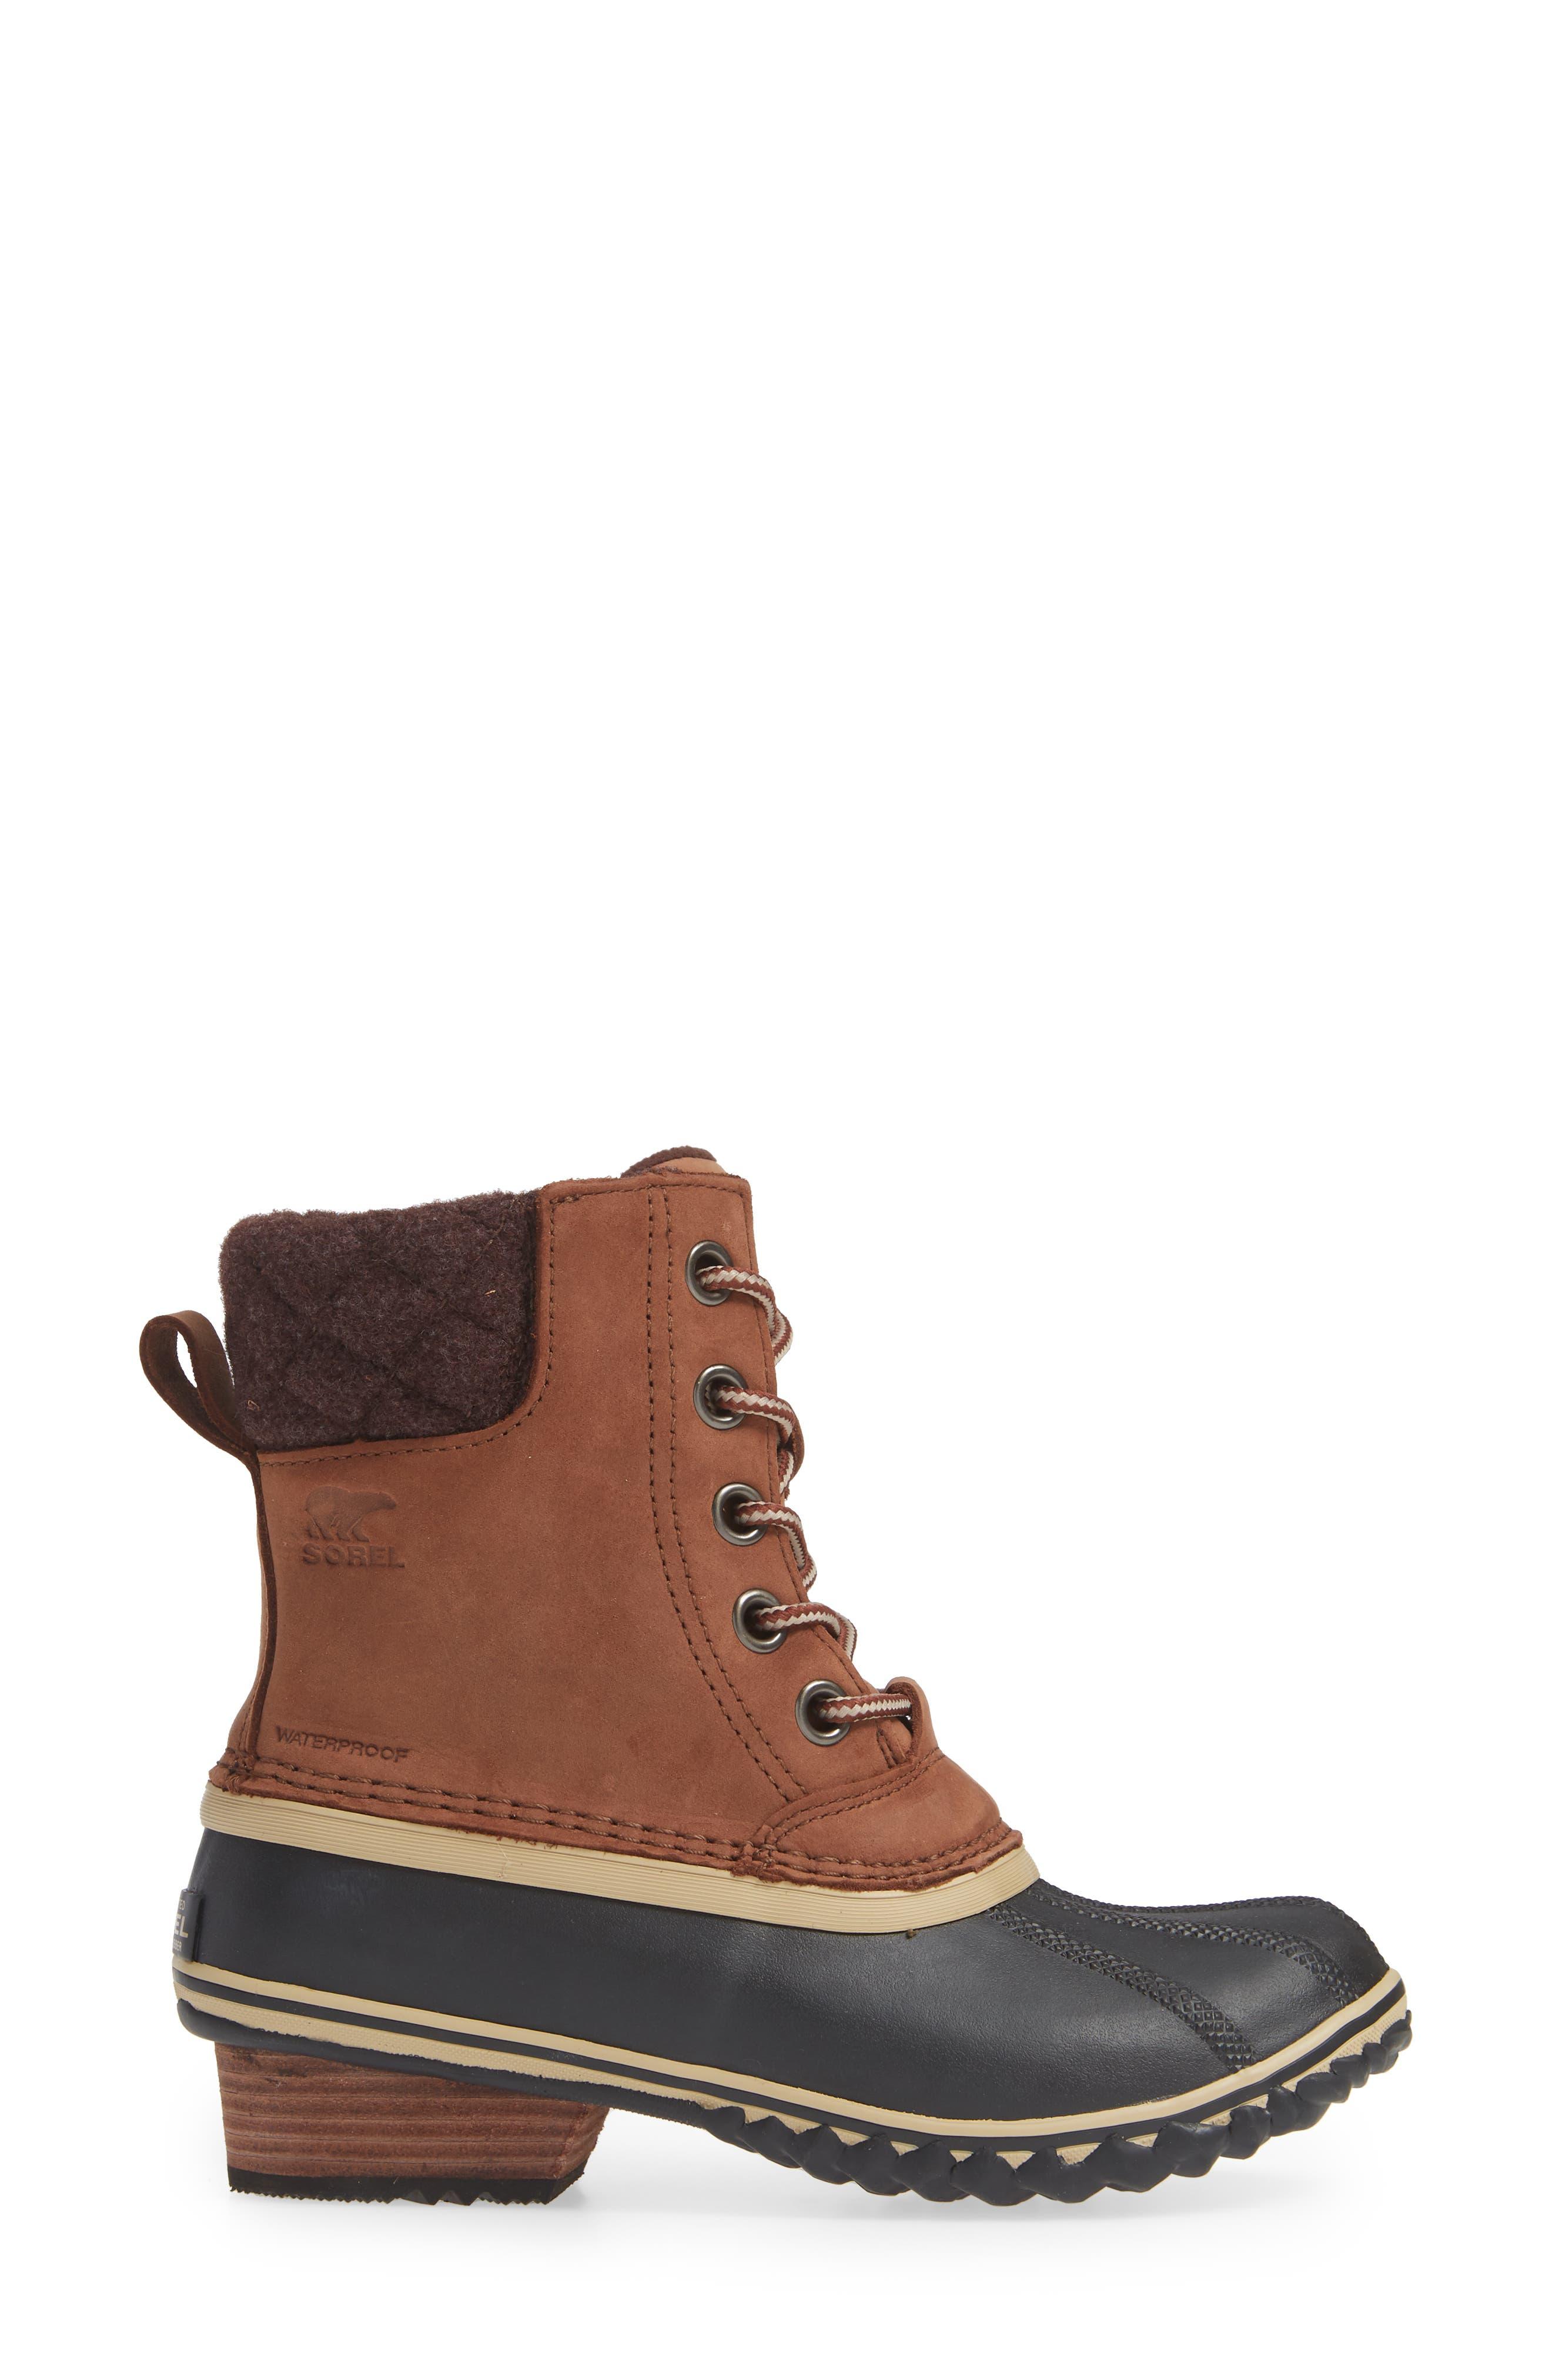 SOREL,                             Slimpack II Waterproof Boot,                             Alternate thumbnail 3, color,                             BURRO/ CATTAIL